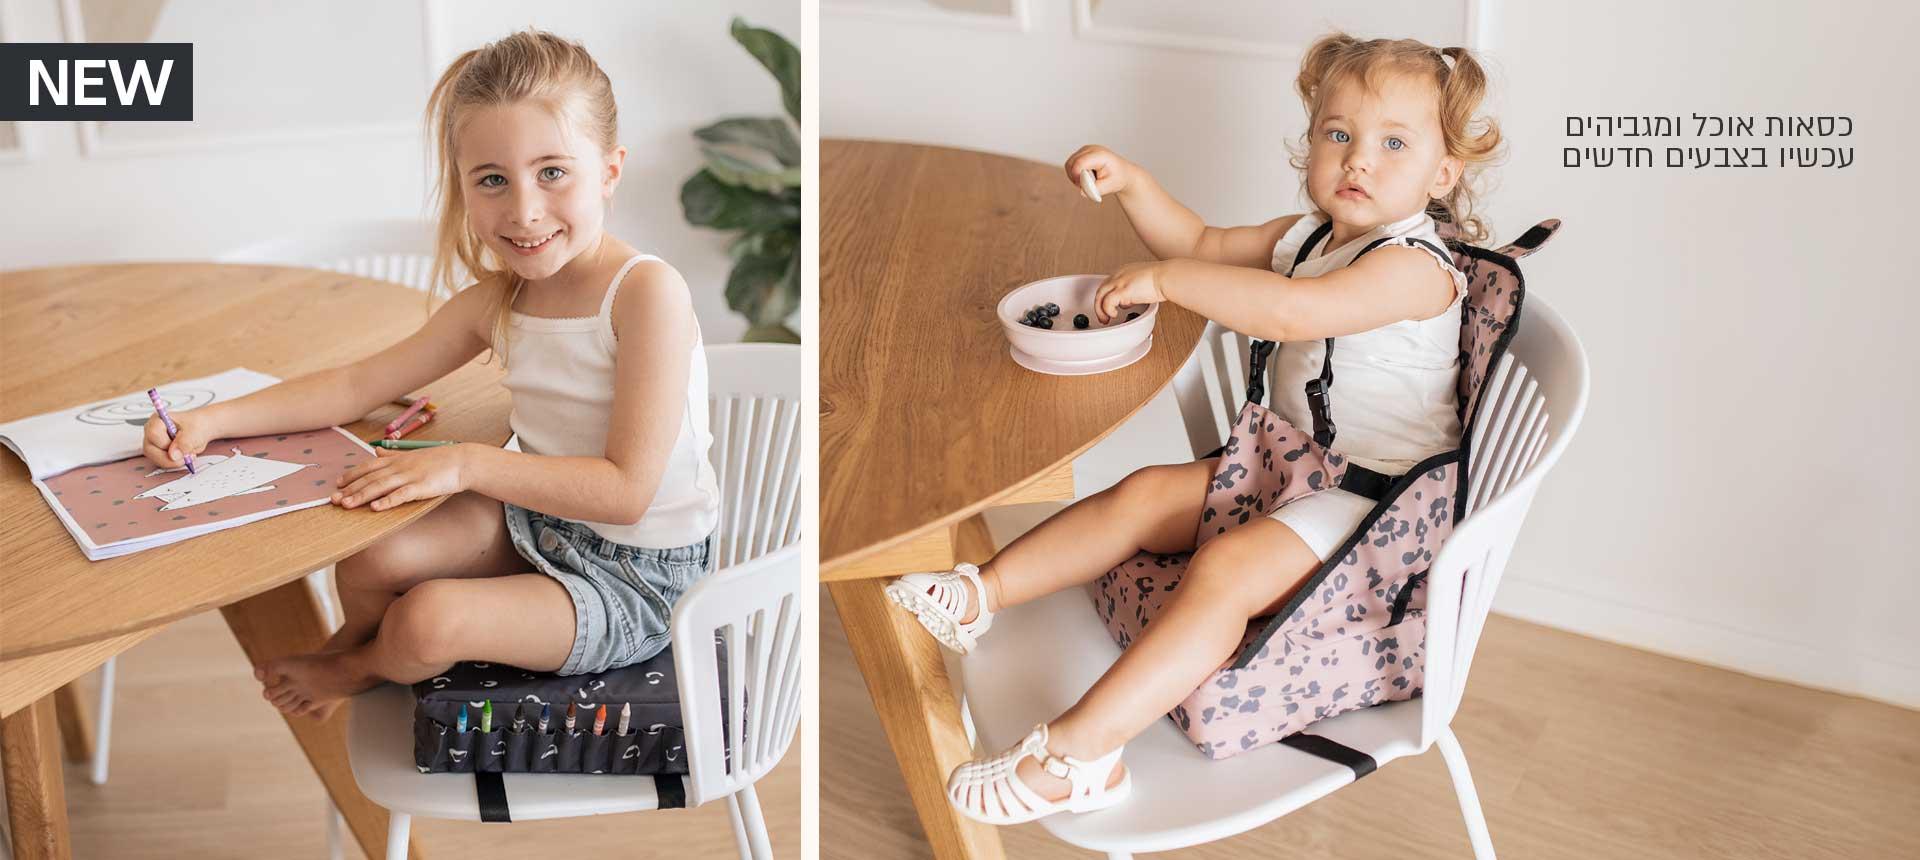 כסאות אוכל ומגביהים עכשיו בצבעים חדשים